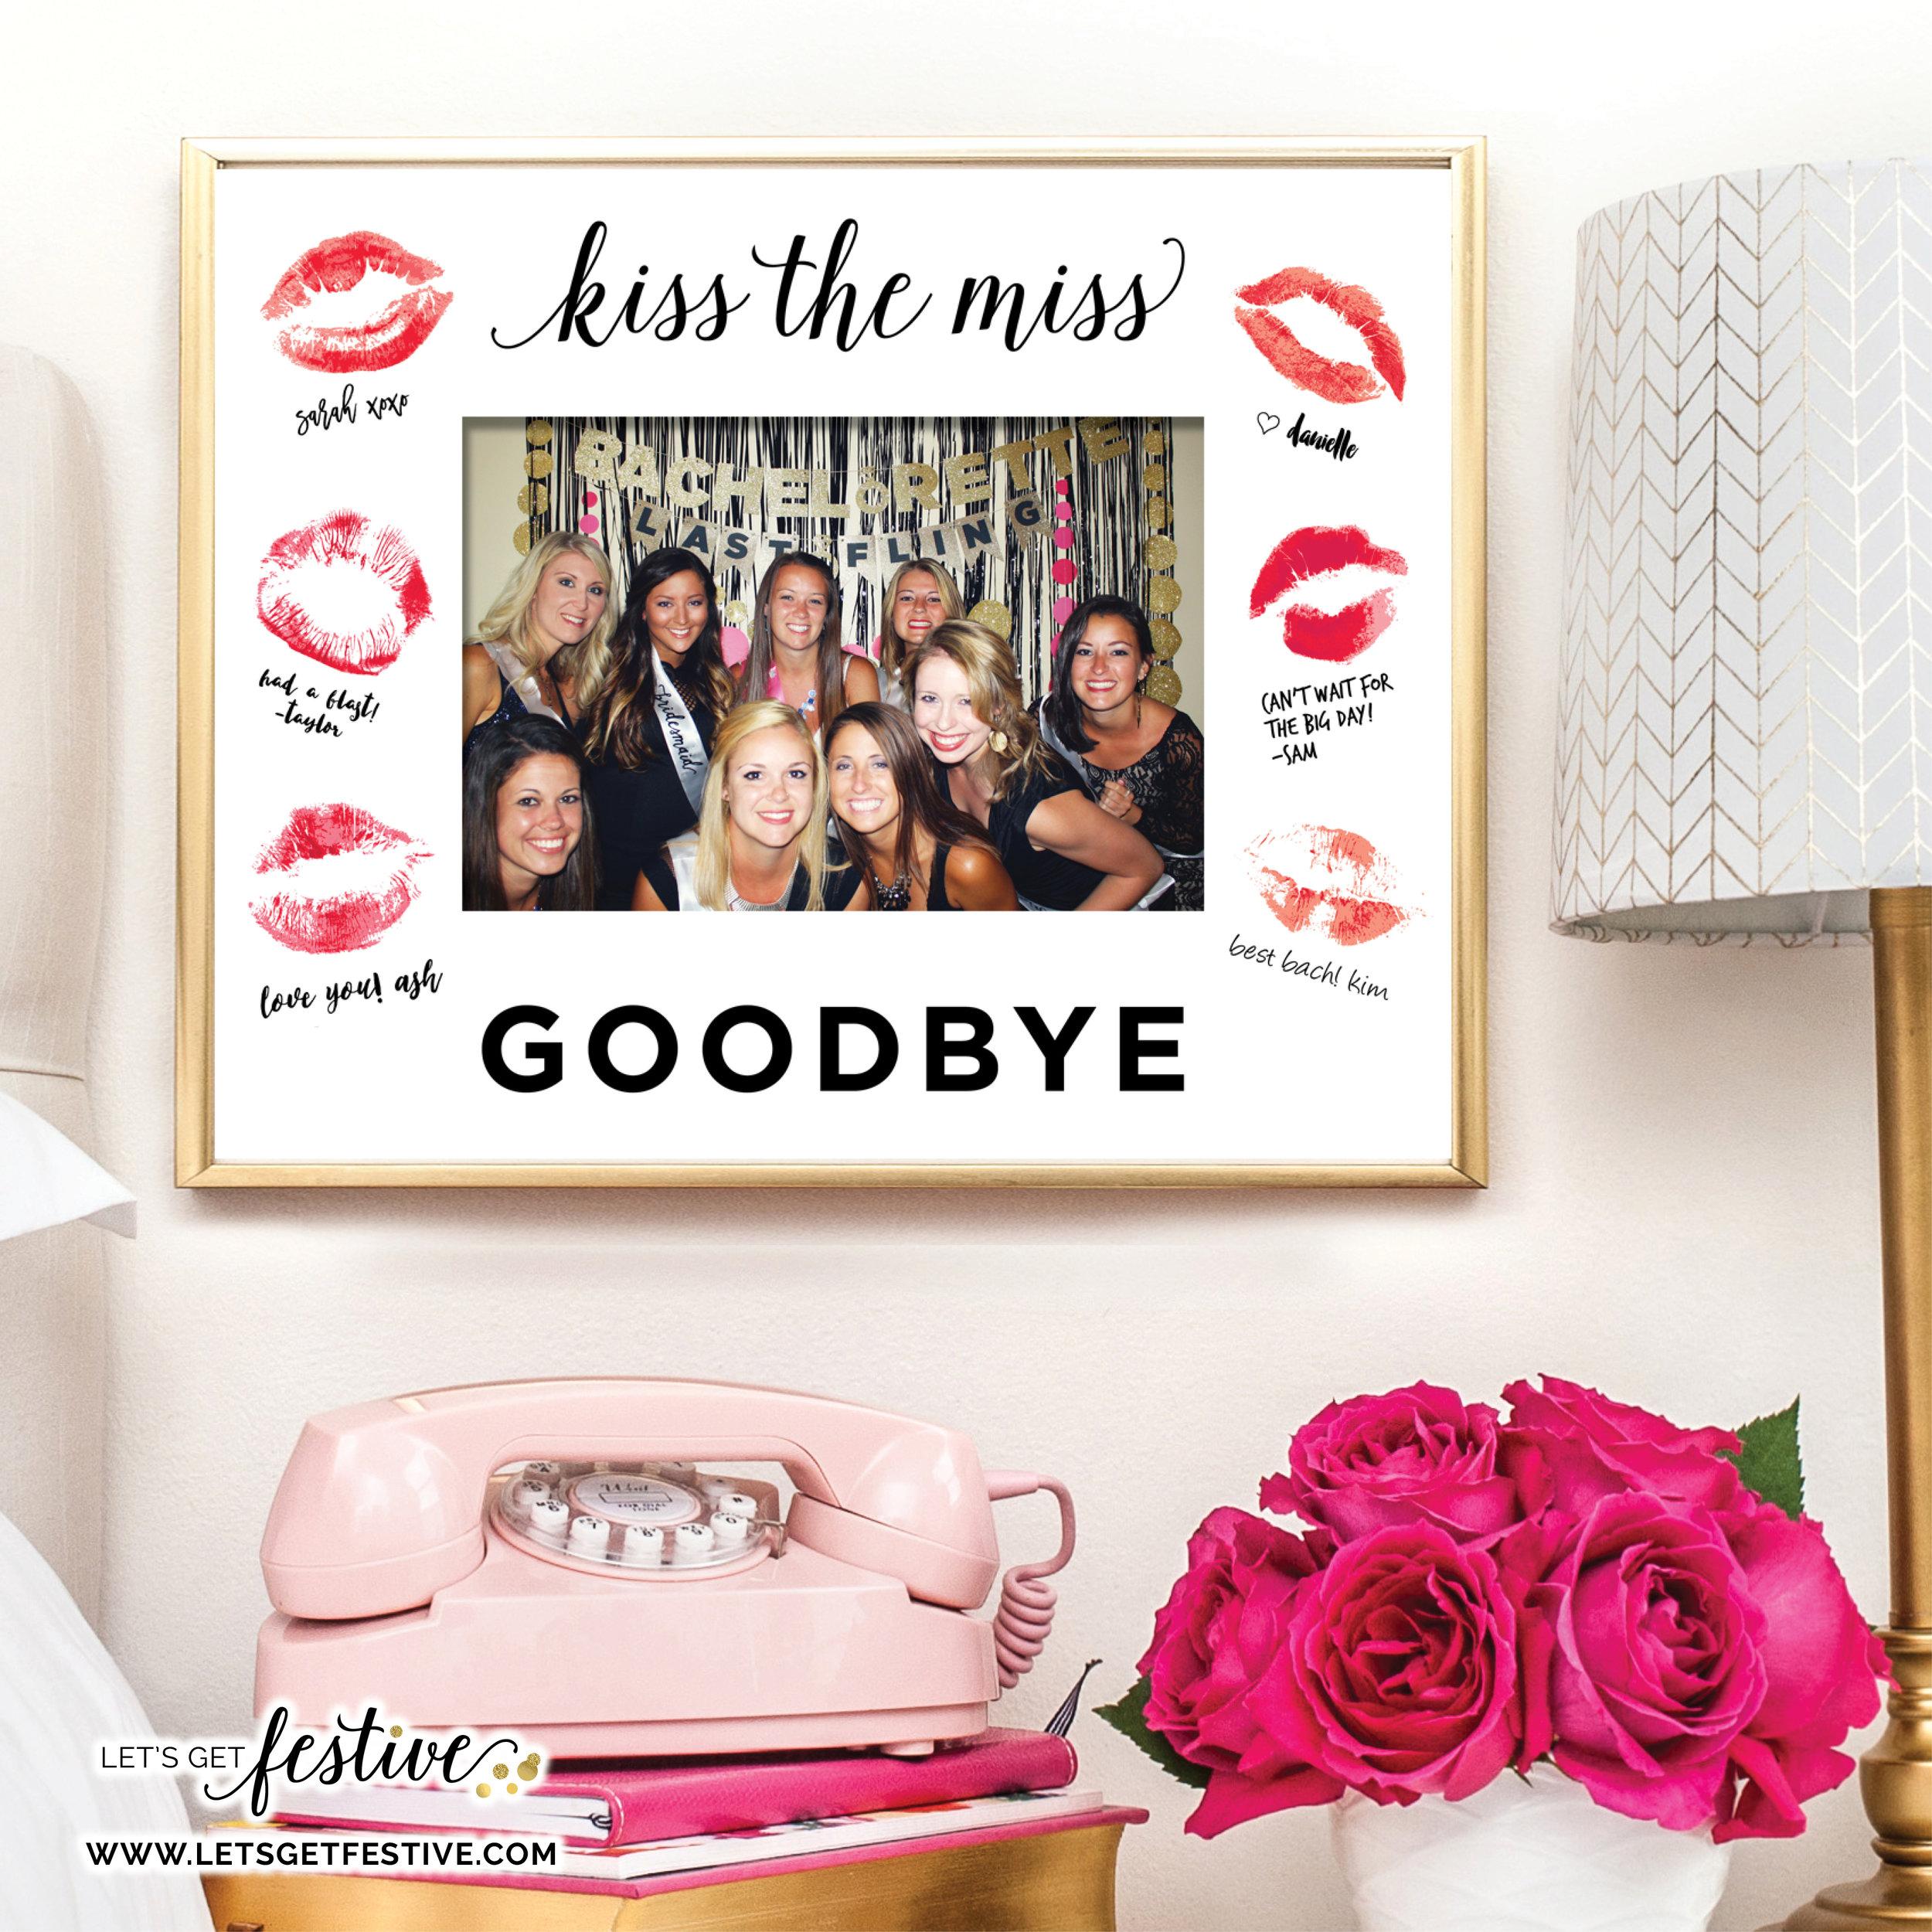 Bachelorette_kiss the miss frame.jpg